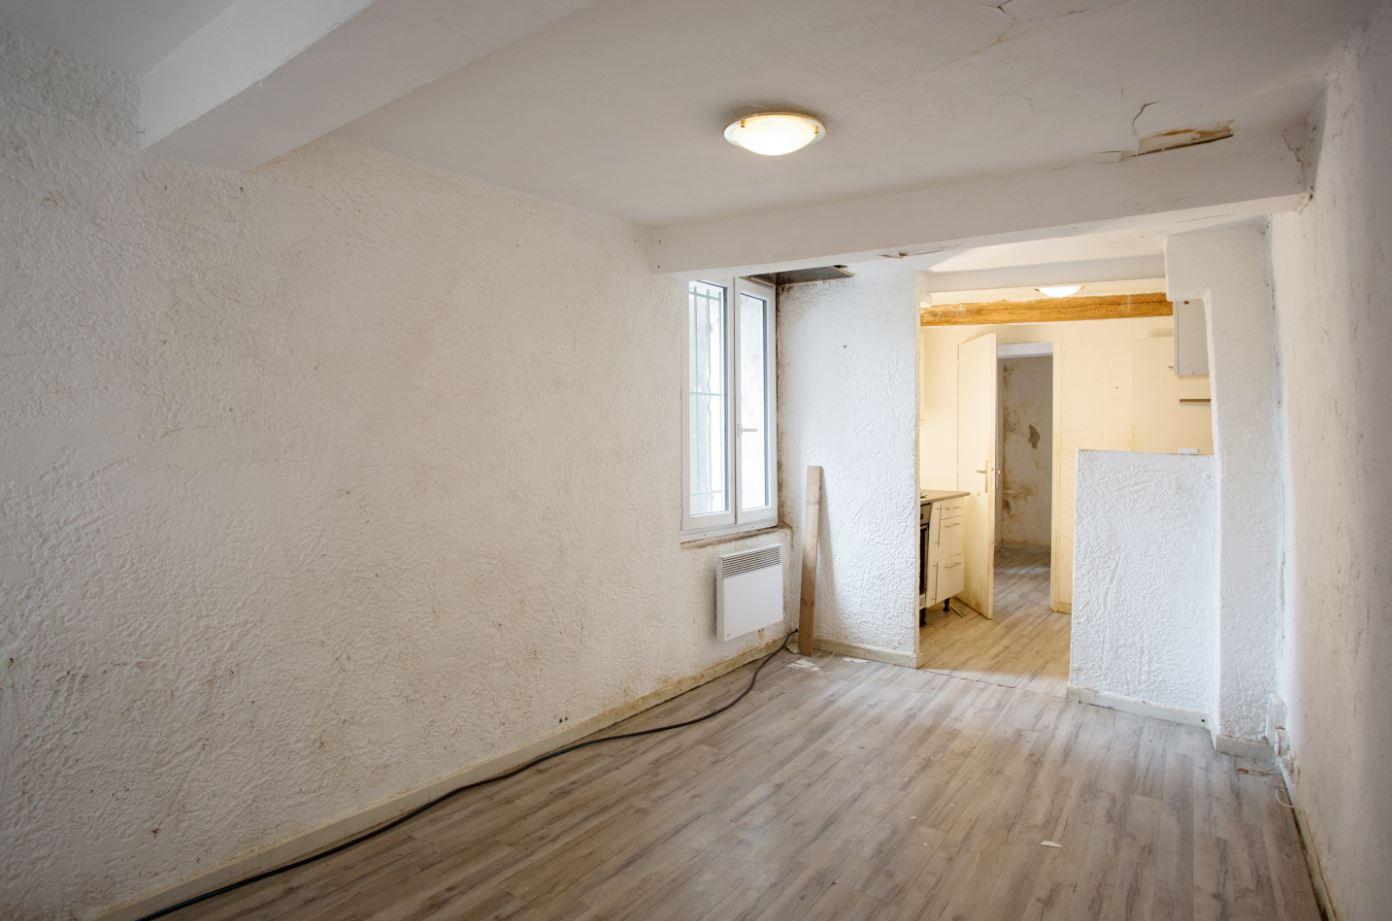 Projet appartement en cr ation de a z airbnb community for Projet appartement